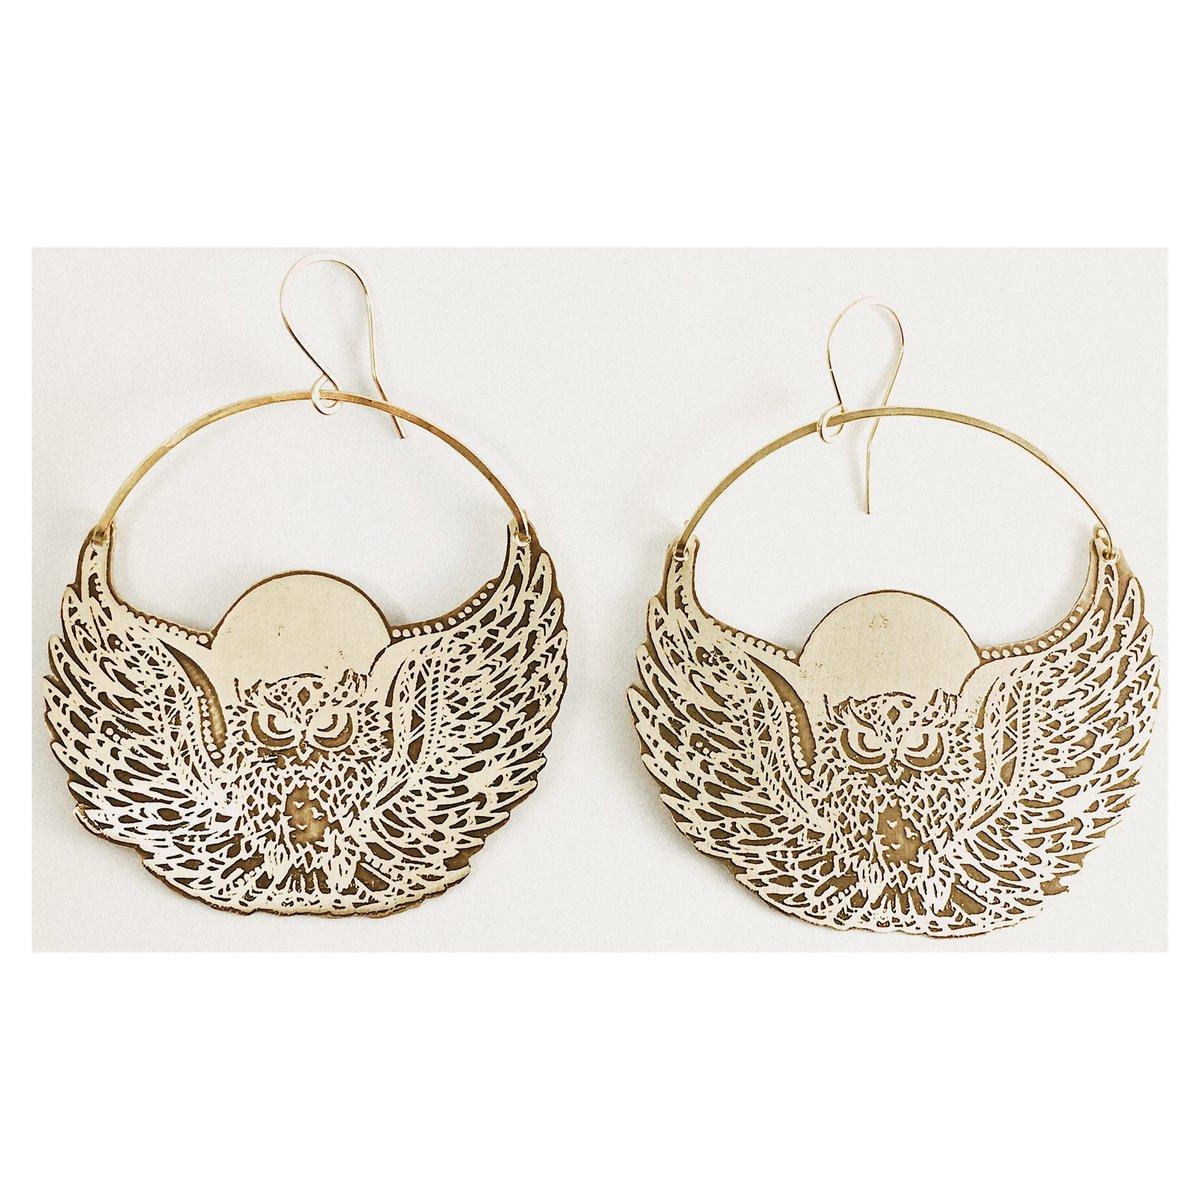 Image of Moon Owl Earrings